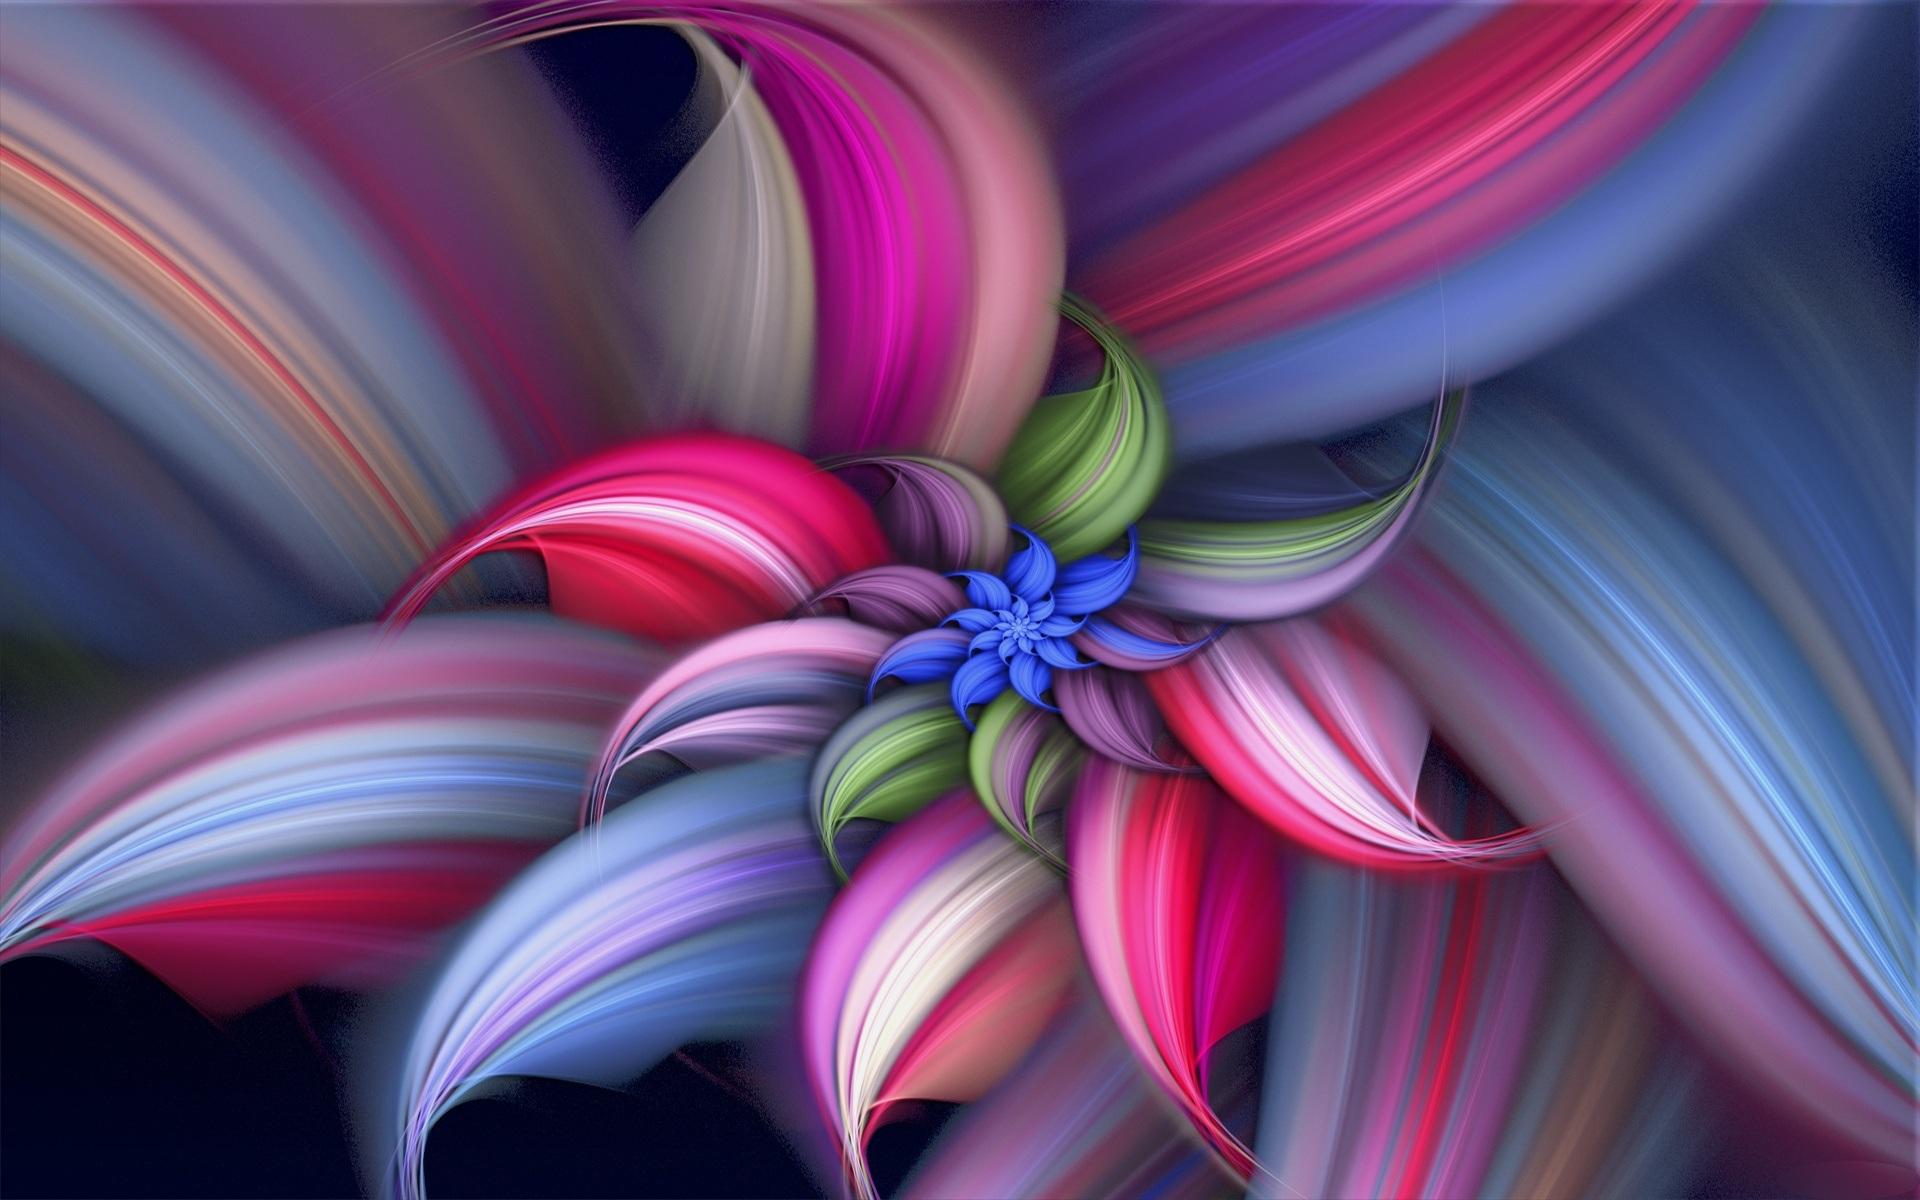 Screen flower wallpapers12 hd wallpapers fan full hd 1920x1200